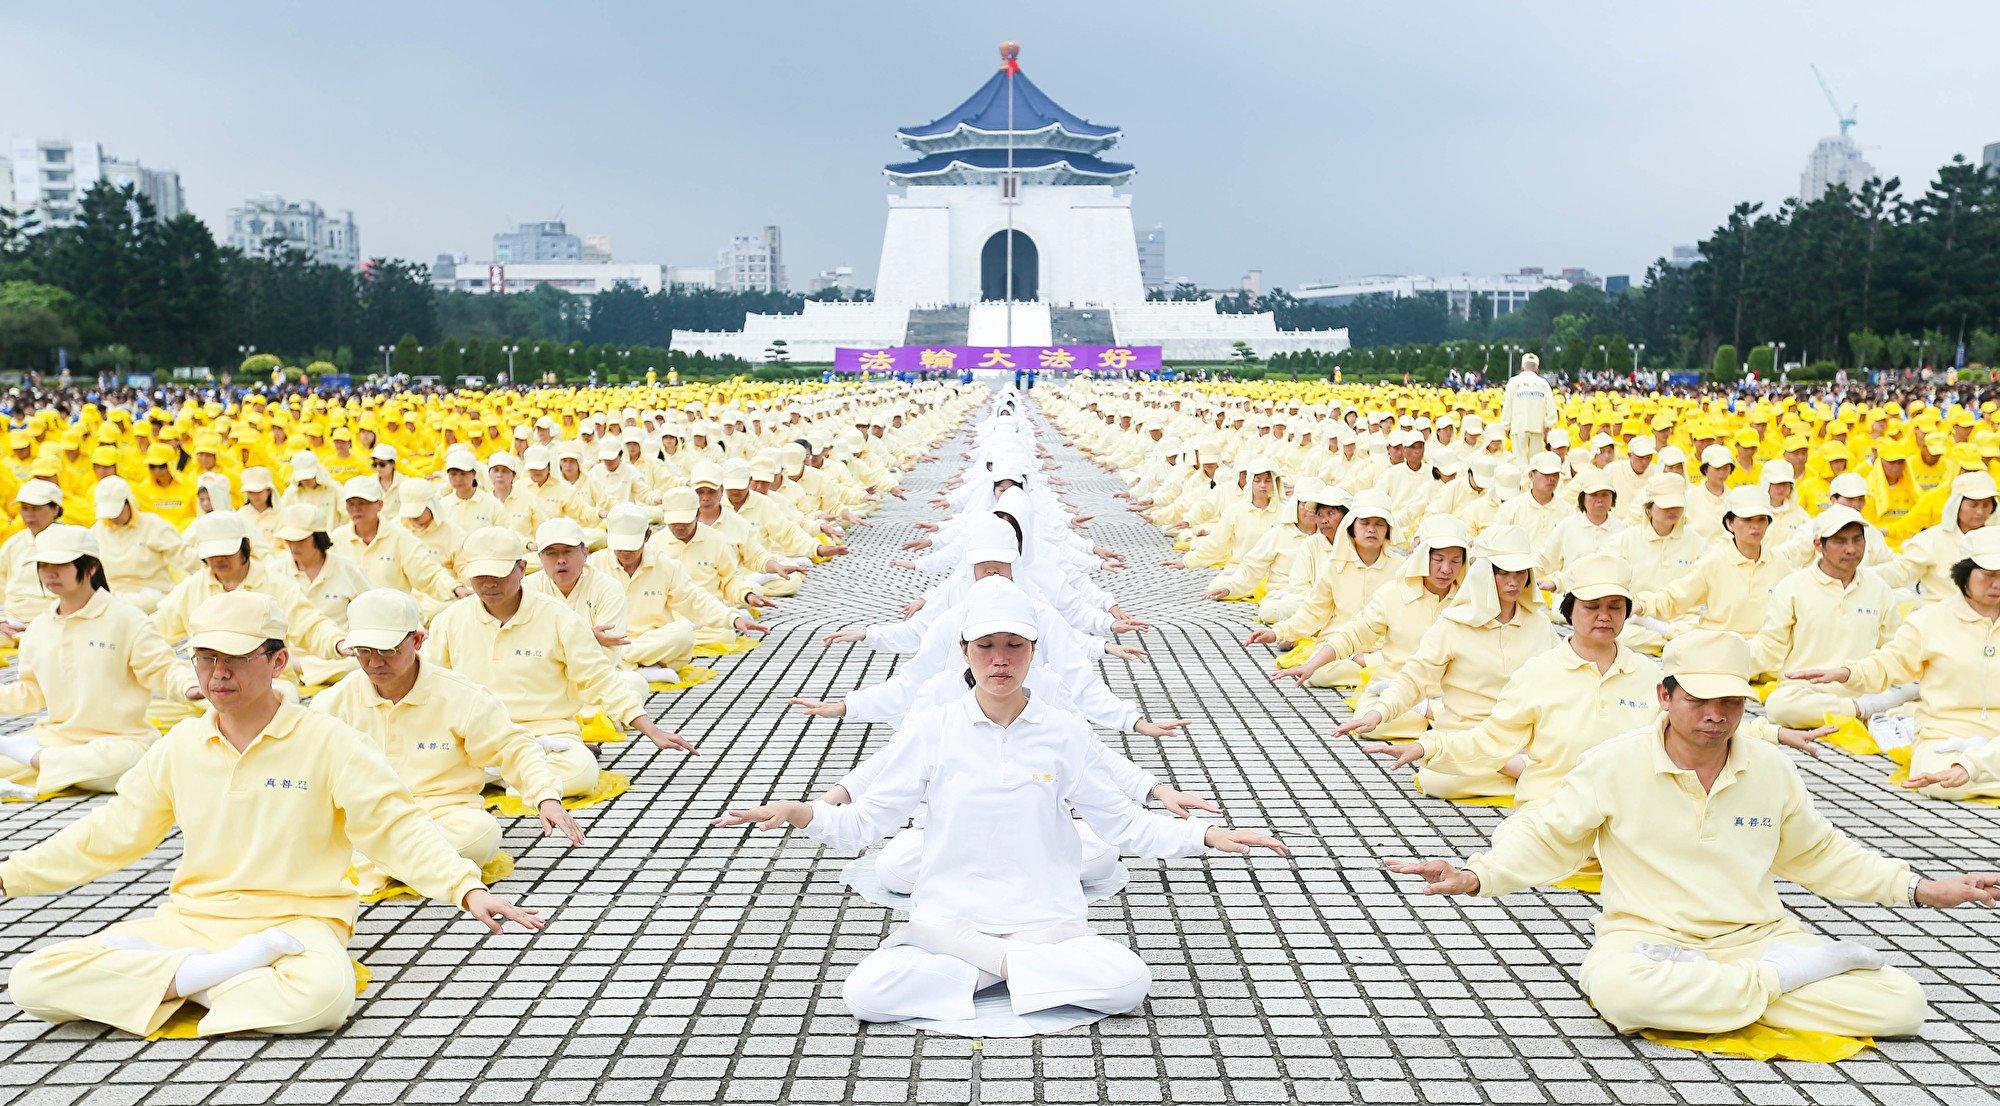 有網民在推特上為法輪功仗義執言。圖為2014年4月26日,台灣部份法輪功學員在台北中正紀念堂舉行排字、煉功活動。(白川/大紀元)